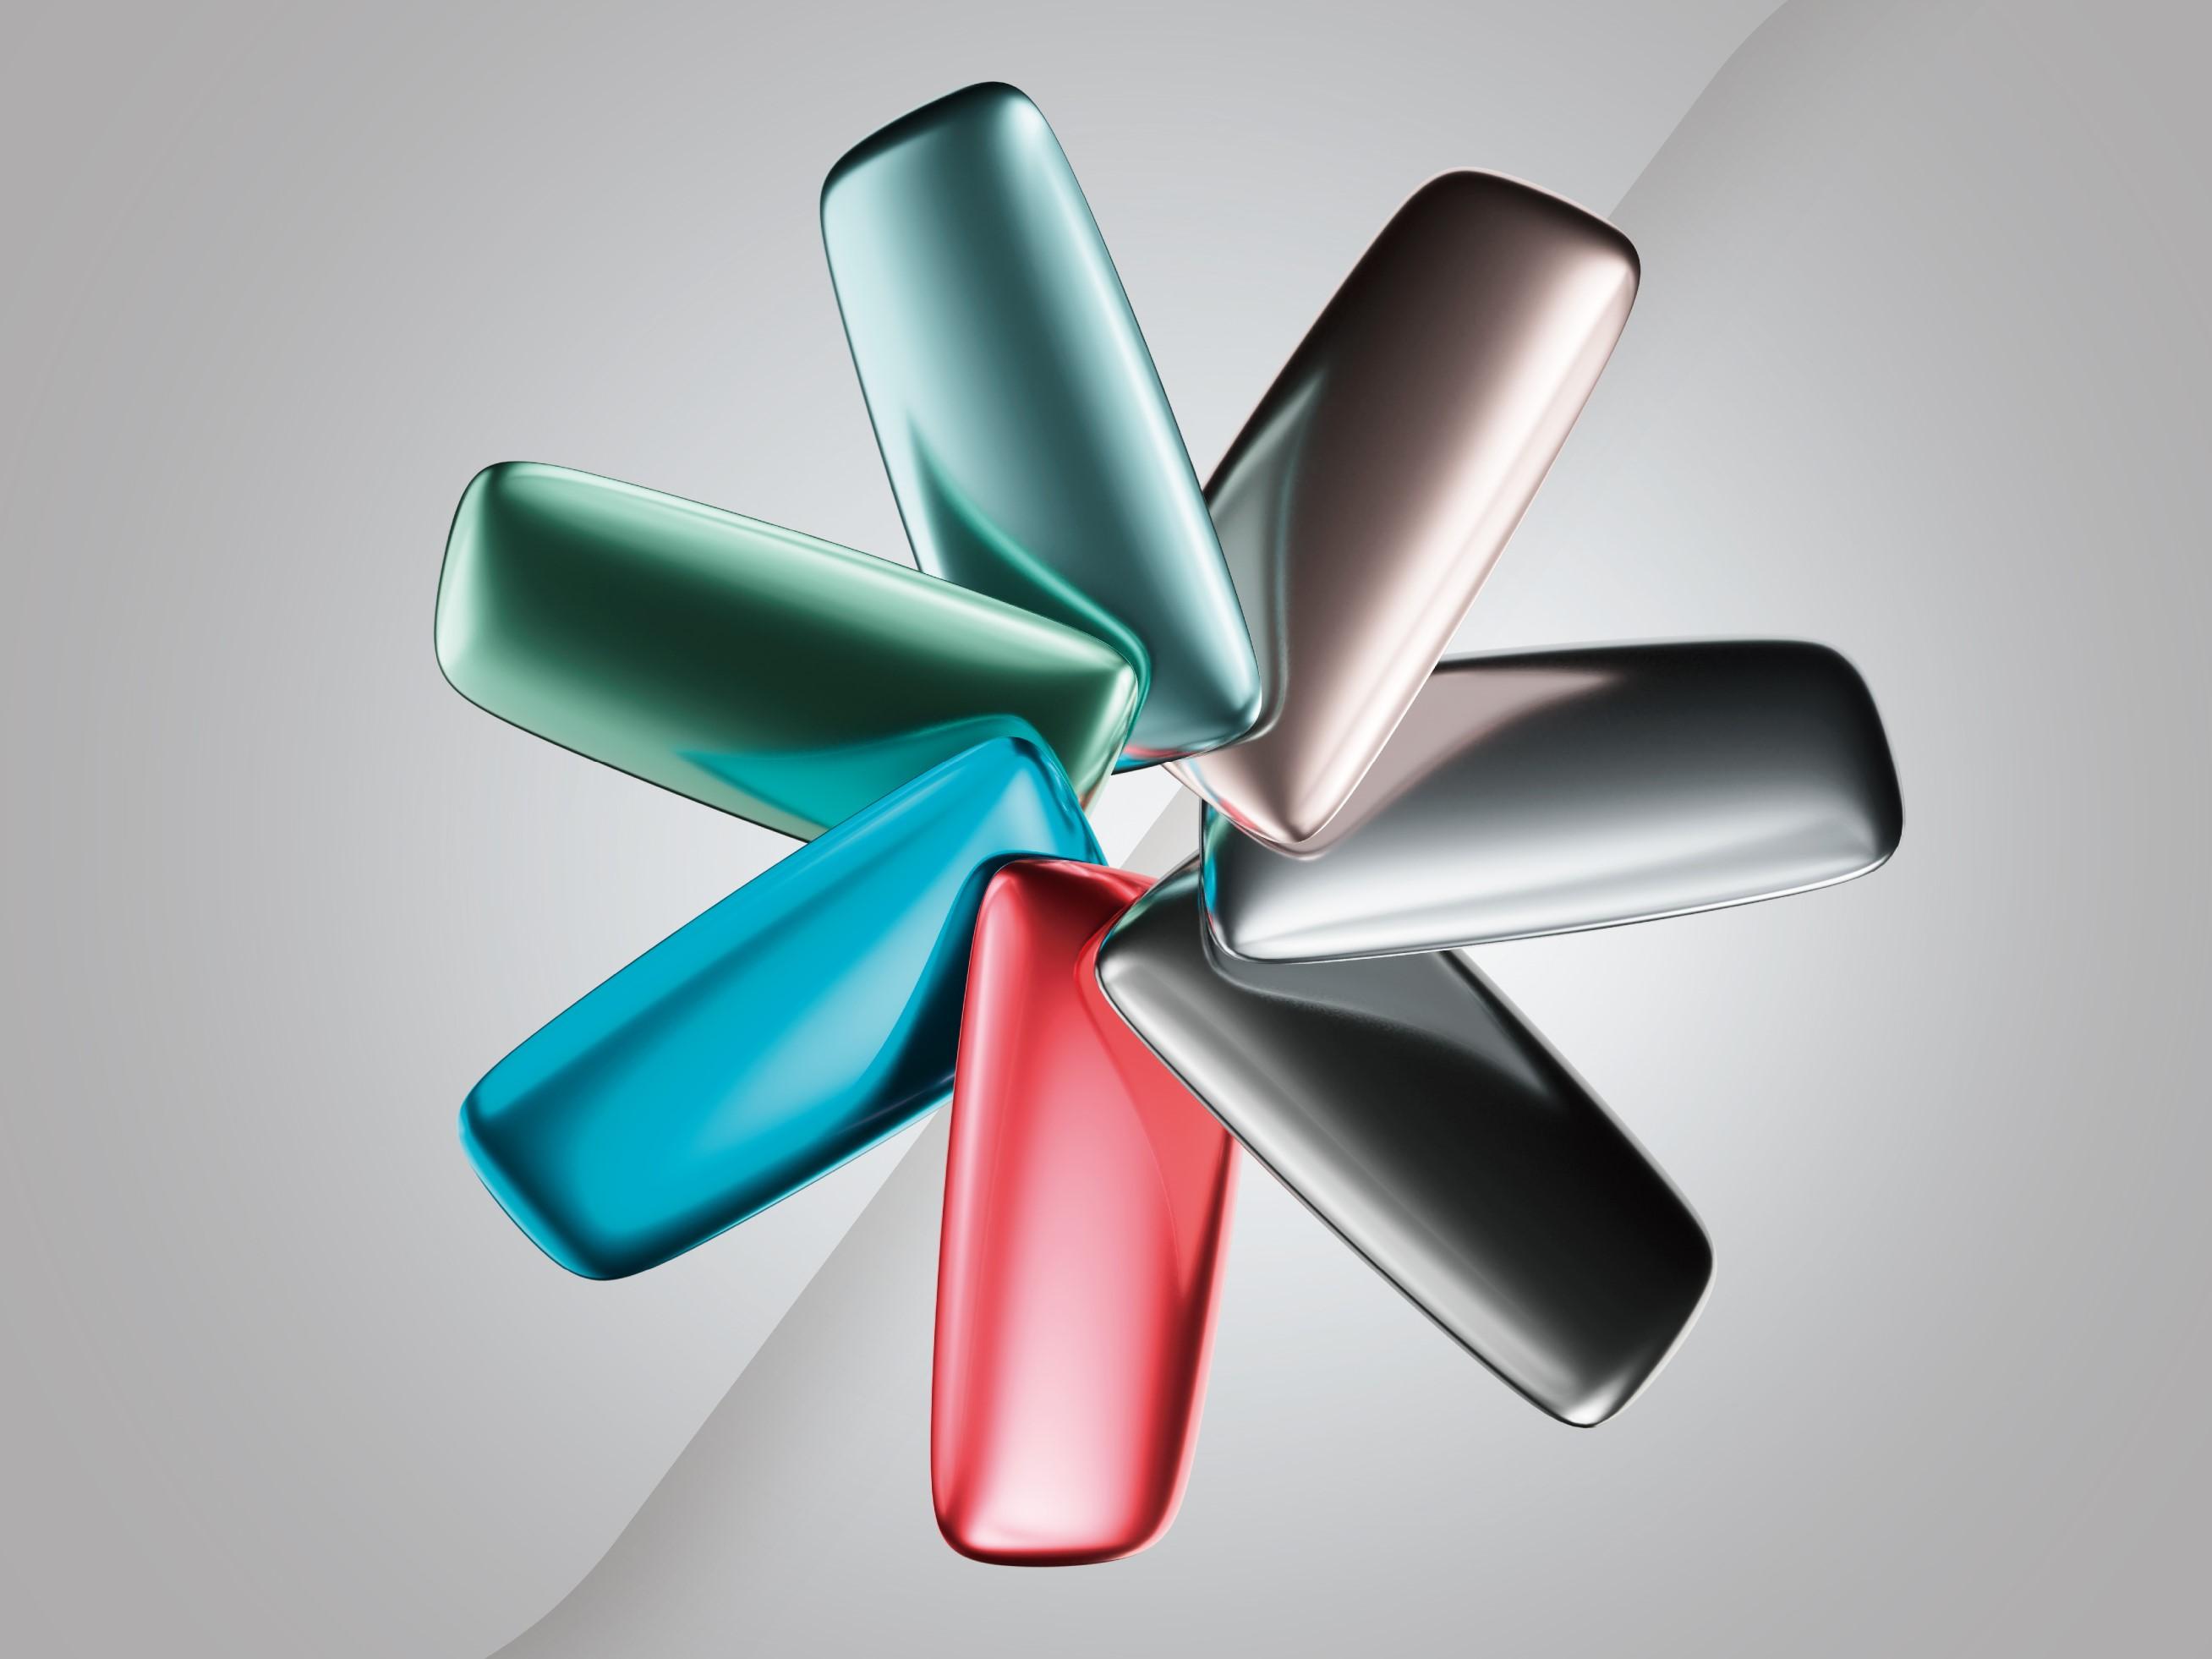 デバイス本体に装着されているフロントパネルはマグネット式で簡単に着脱が可能。カラーバリエーションが豊富な取り換え式のフロントパネルも別売りで用意している。